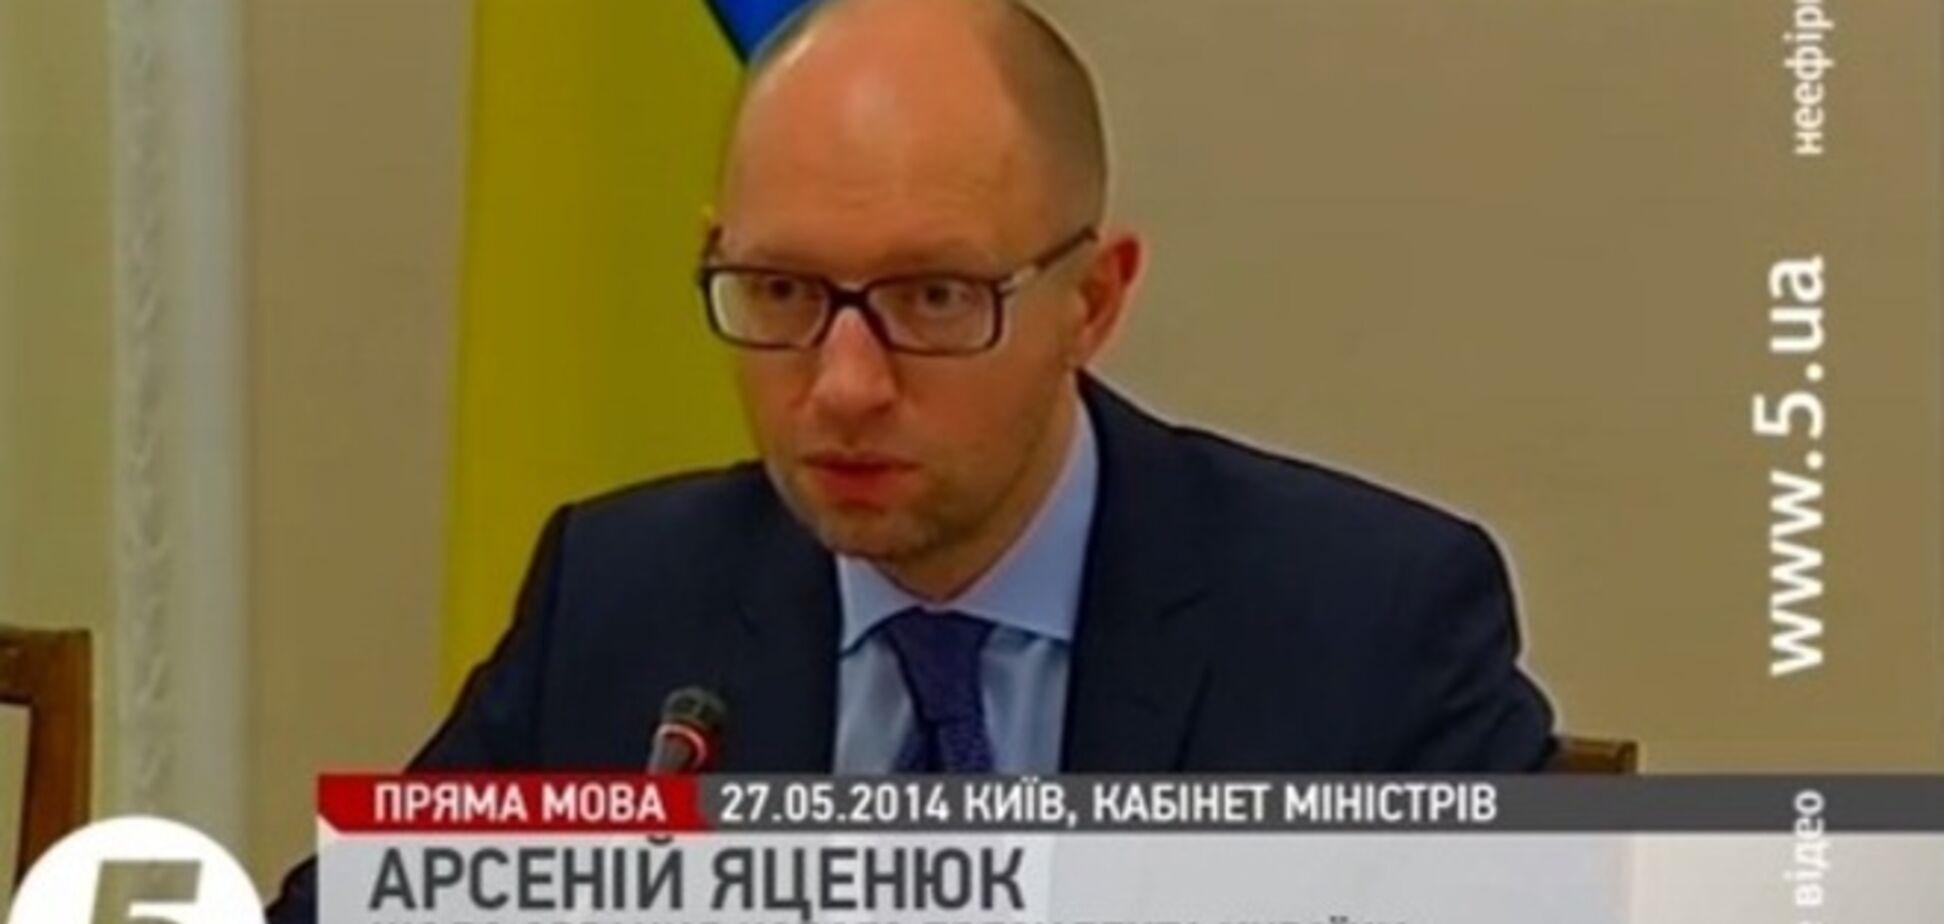 Яценюк поздравил Порошенко: он уверен, что Президент оправдает надежды народа